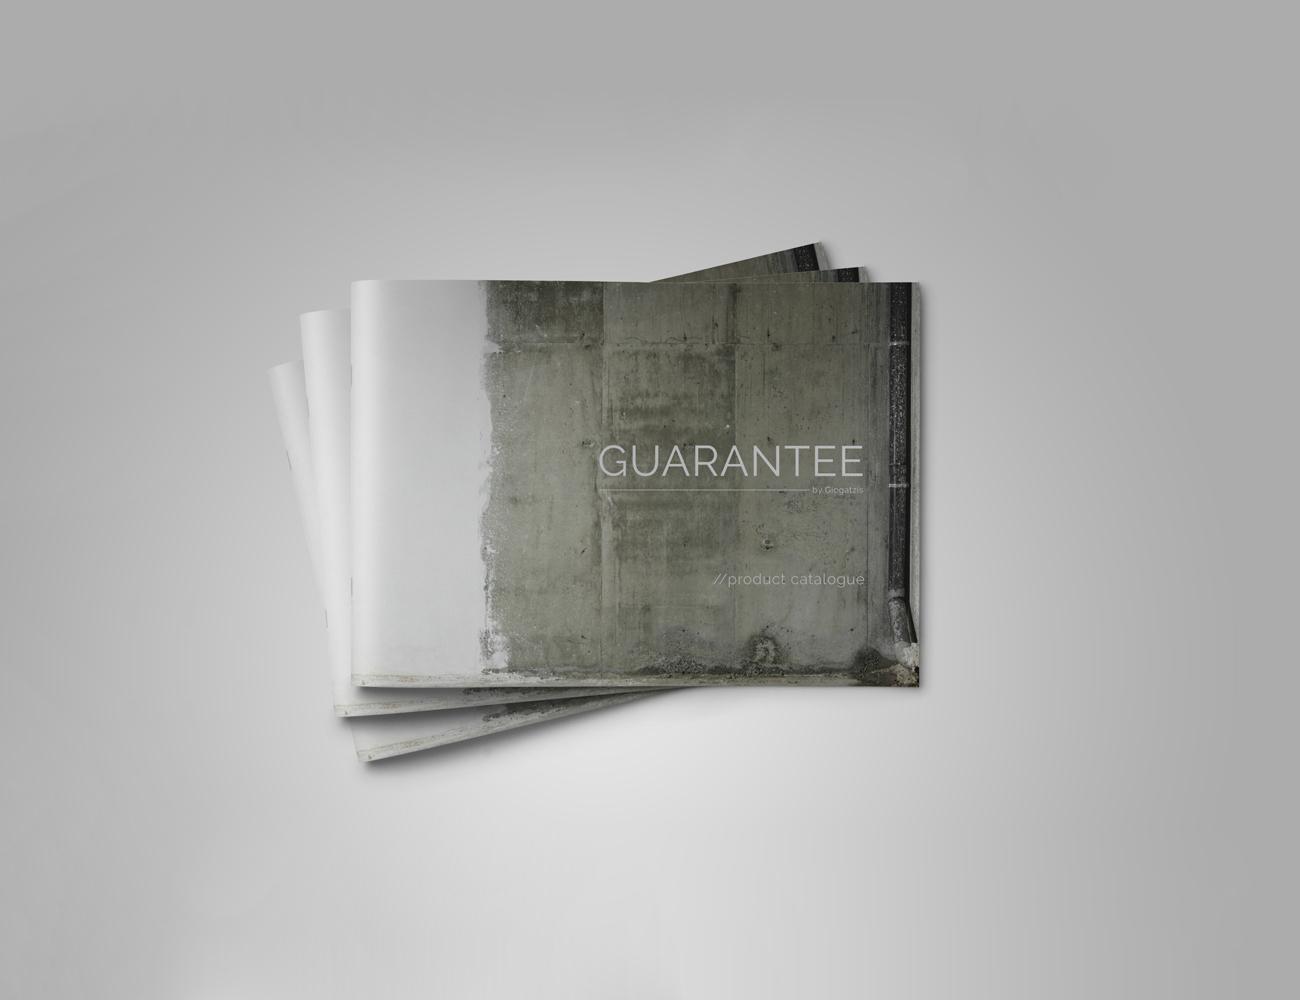 guarantee2015cataloguedesign1